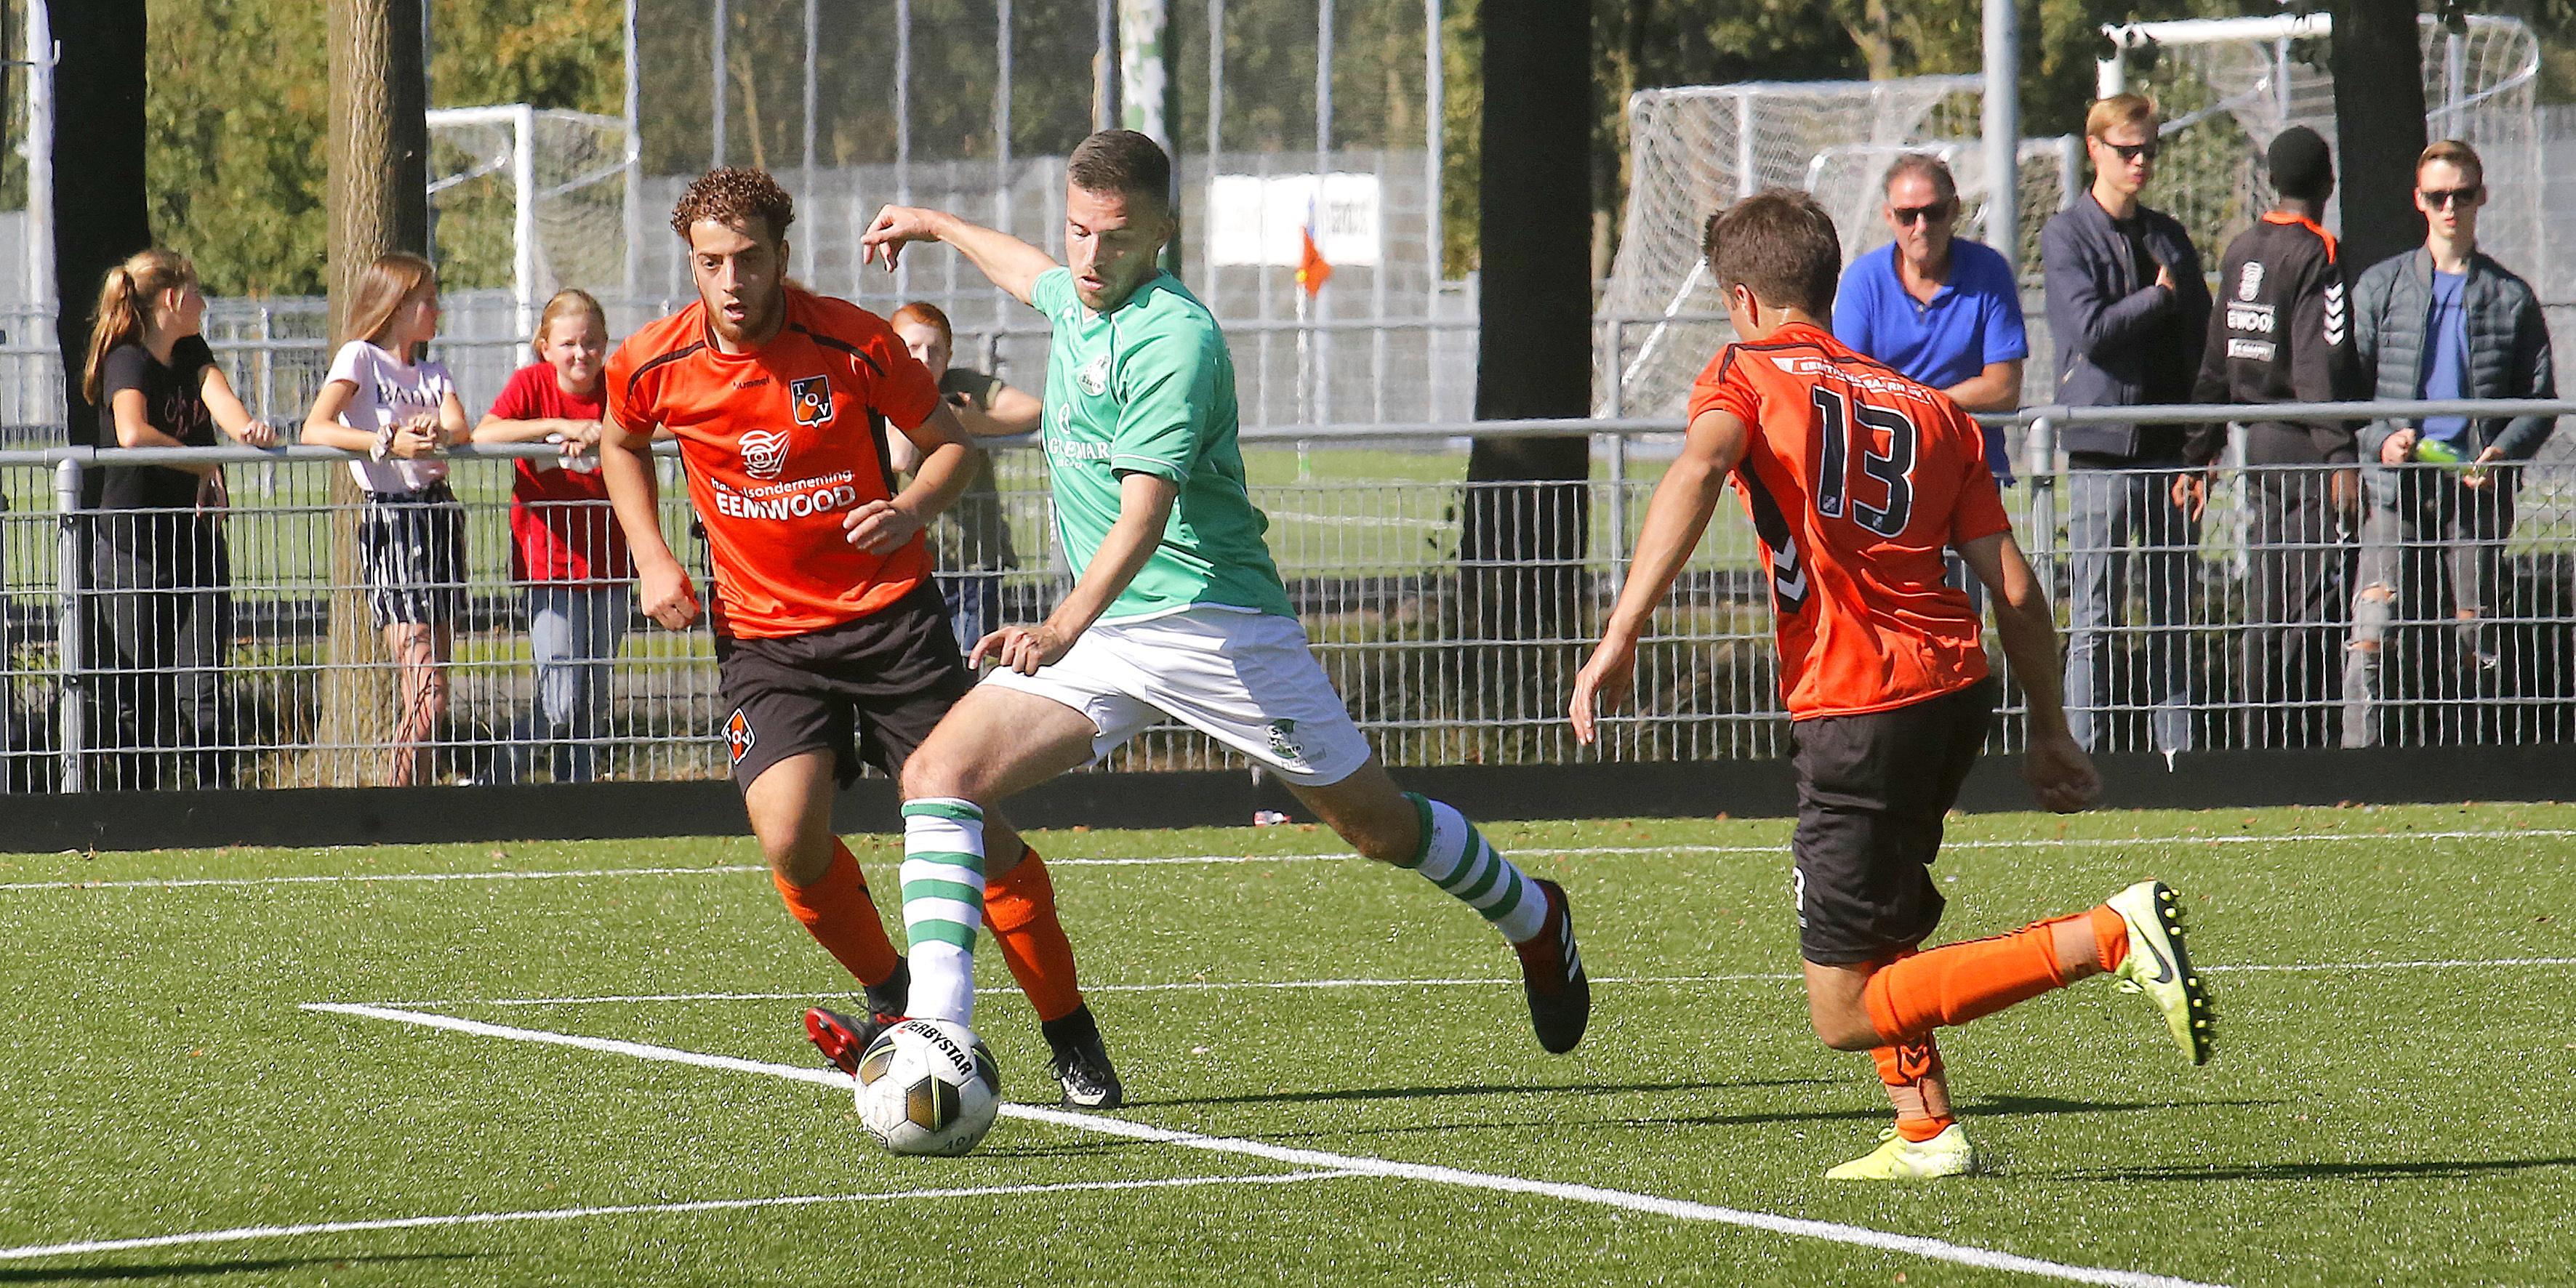 Derby tussen SV Baarn en TOV uitgesteld vanwege verwachte drukte